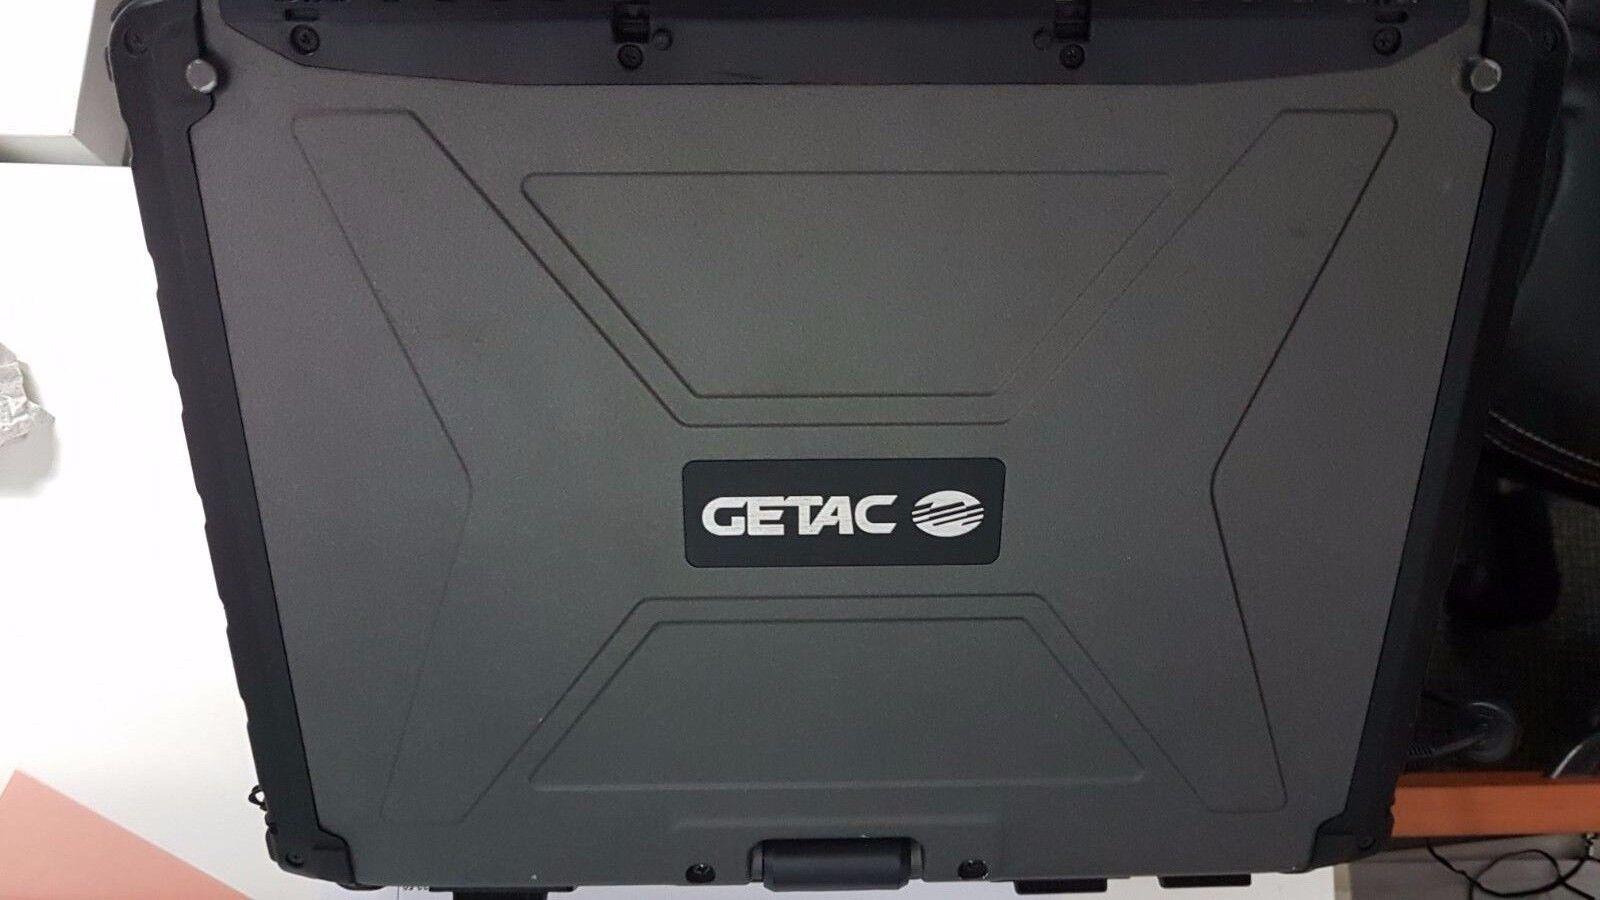 GETAC V100 FULLY RUGGED NOTEBOOK COMPUTER